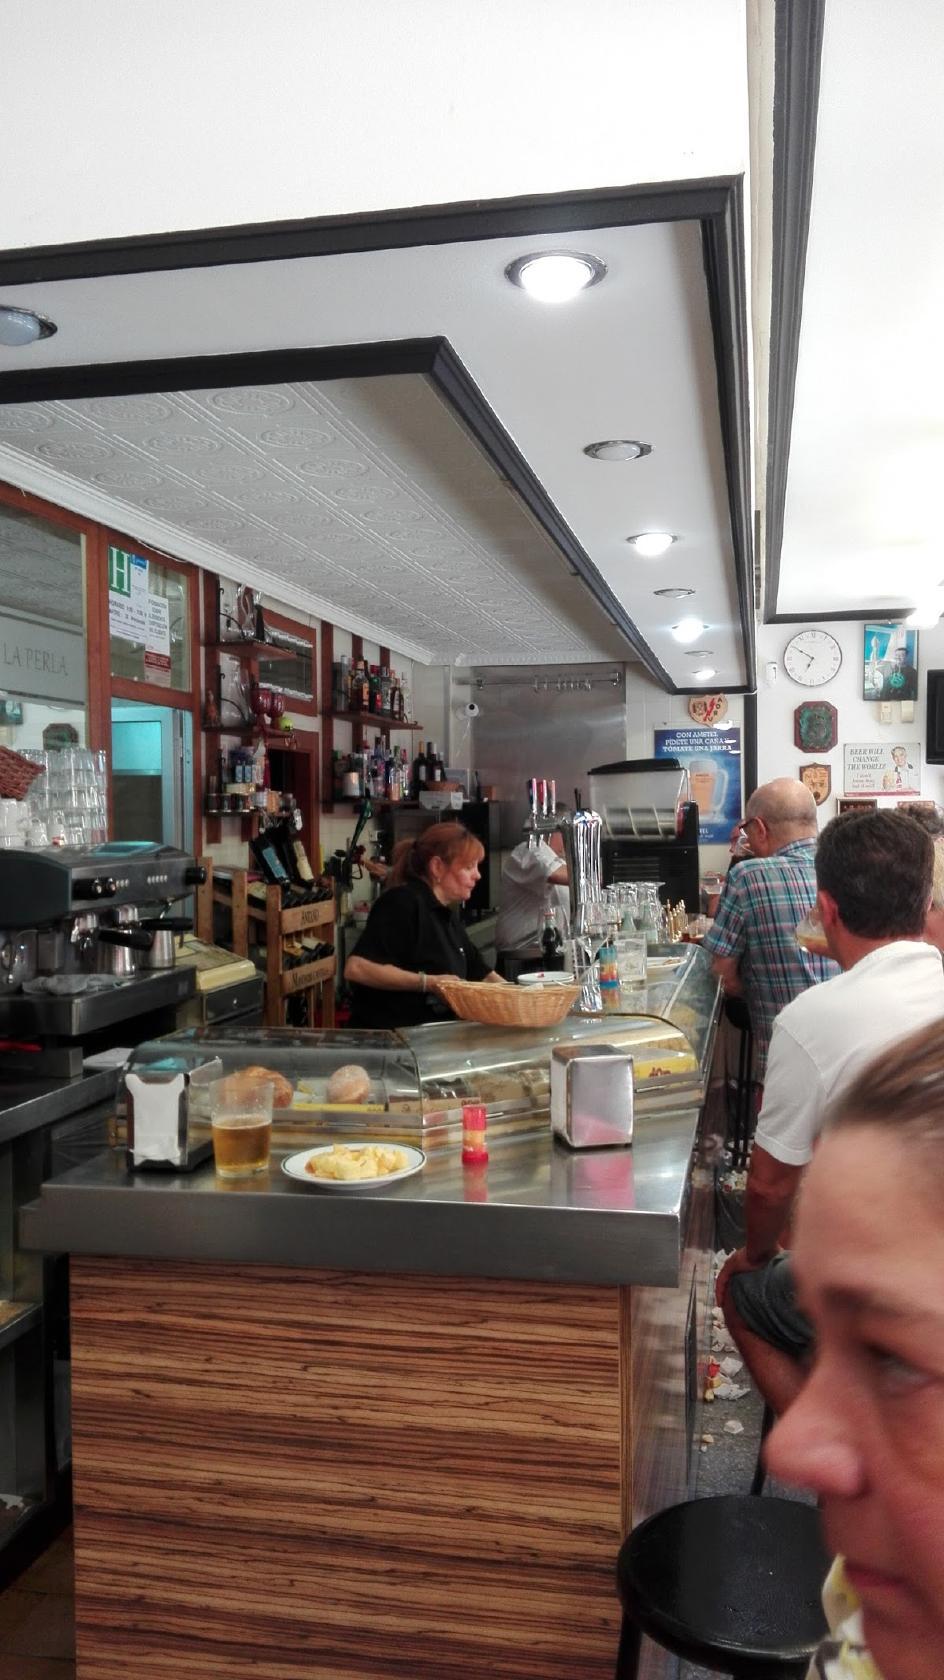 compañerismo cubierta fecha límite  Pub y bar La Perla, Madrid, Calle Angelillo - Opiniones del restaurante